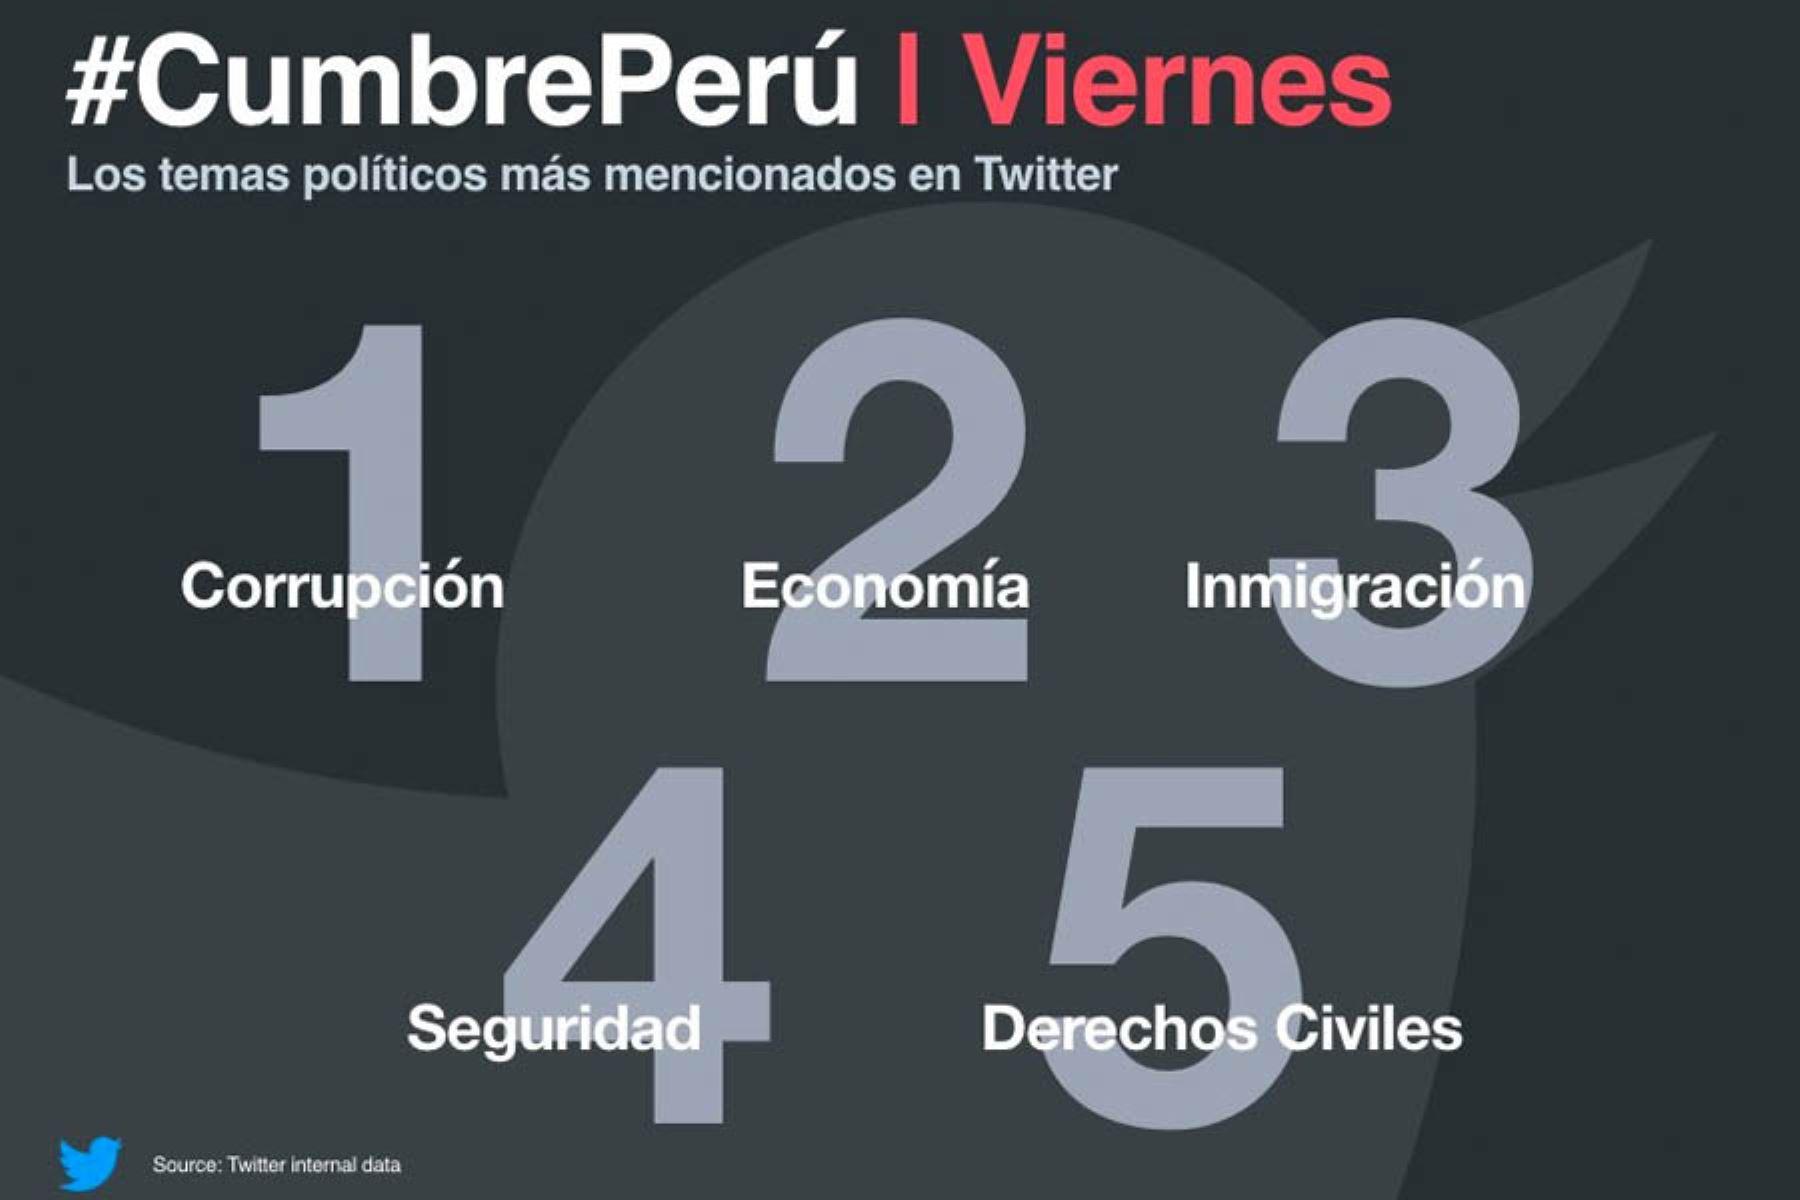 Los temas más discutidos en Twitter sobre la Cumbre de las Américas